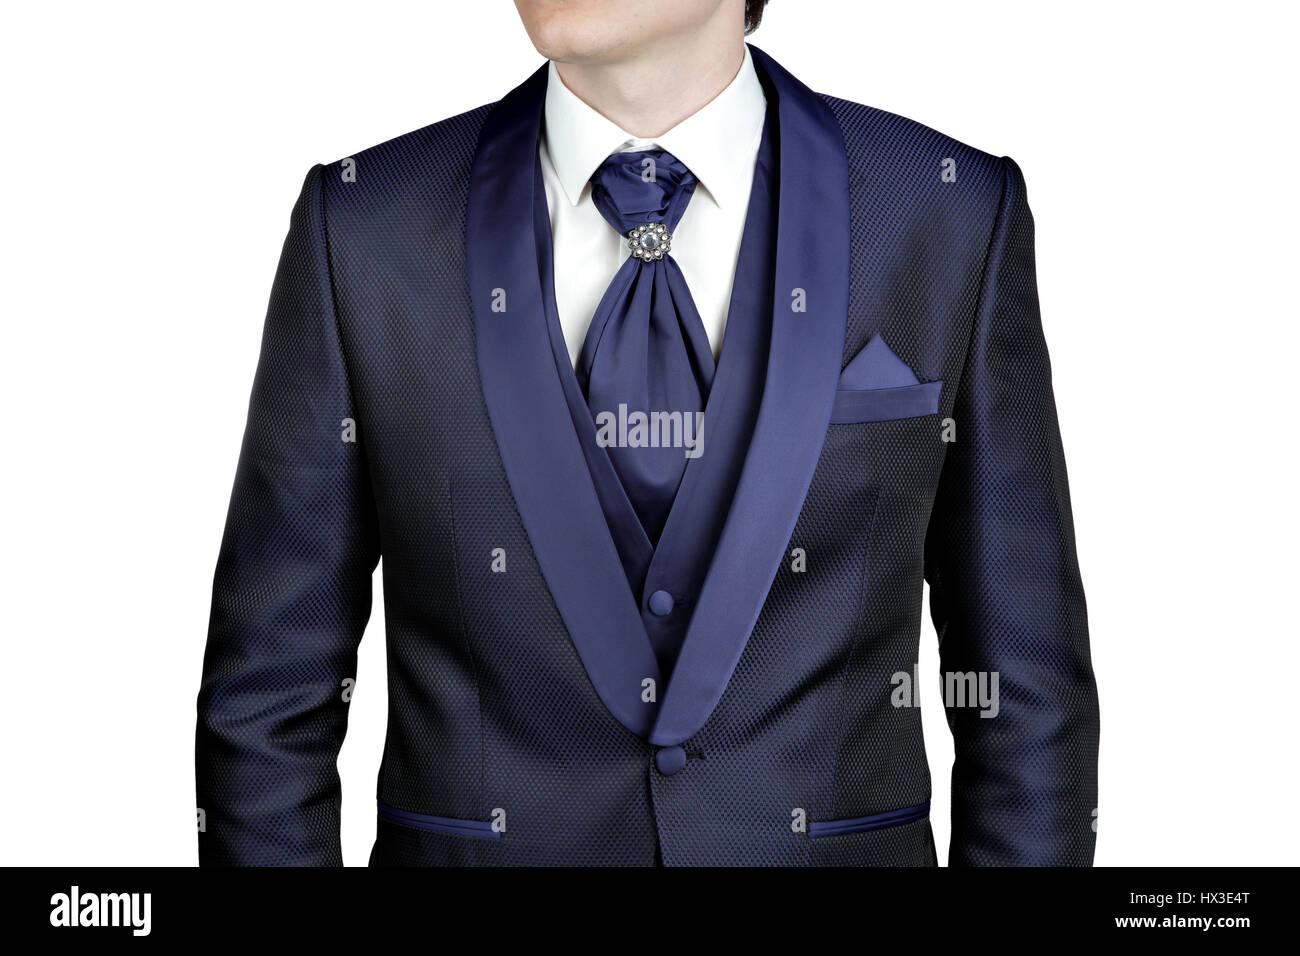 Marineblauer Anzug Stockfotos und bilder Kaufen Alamy